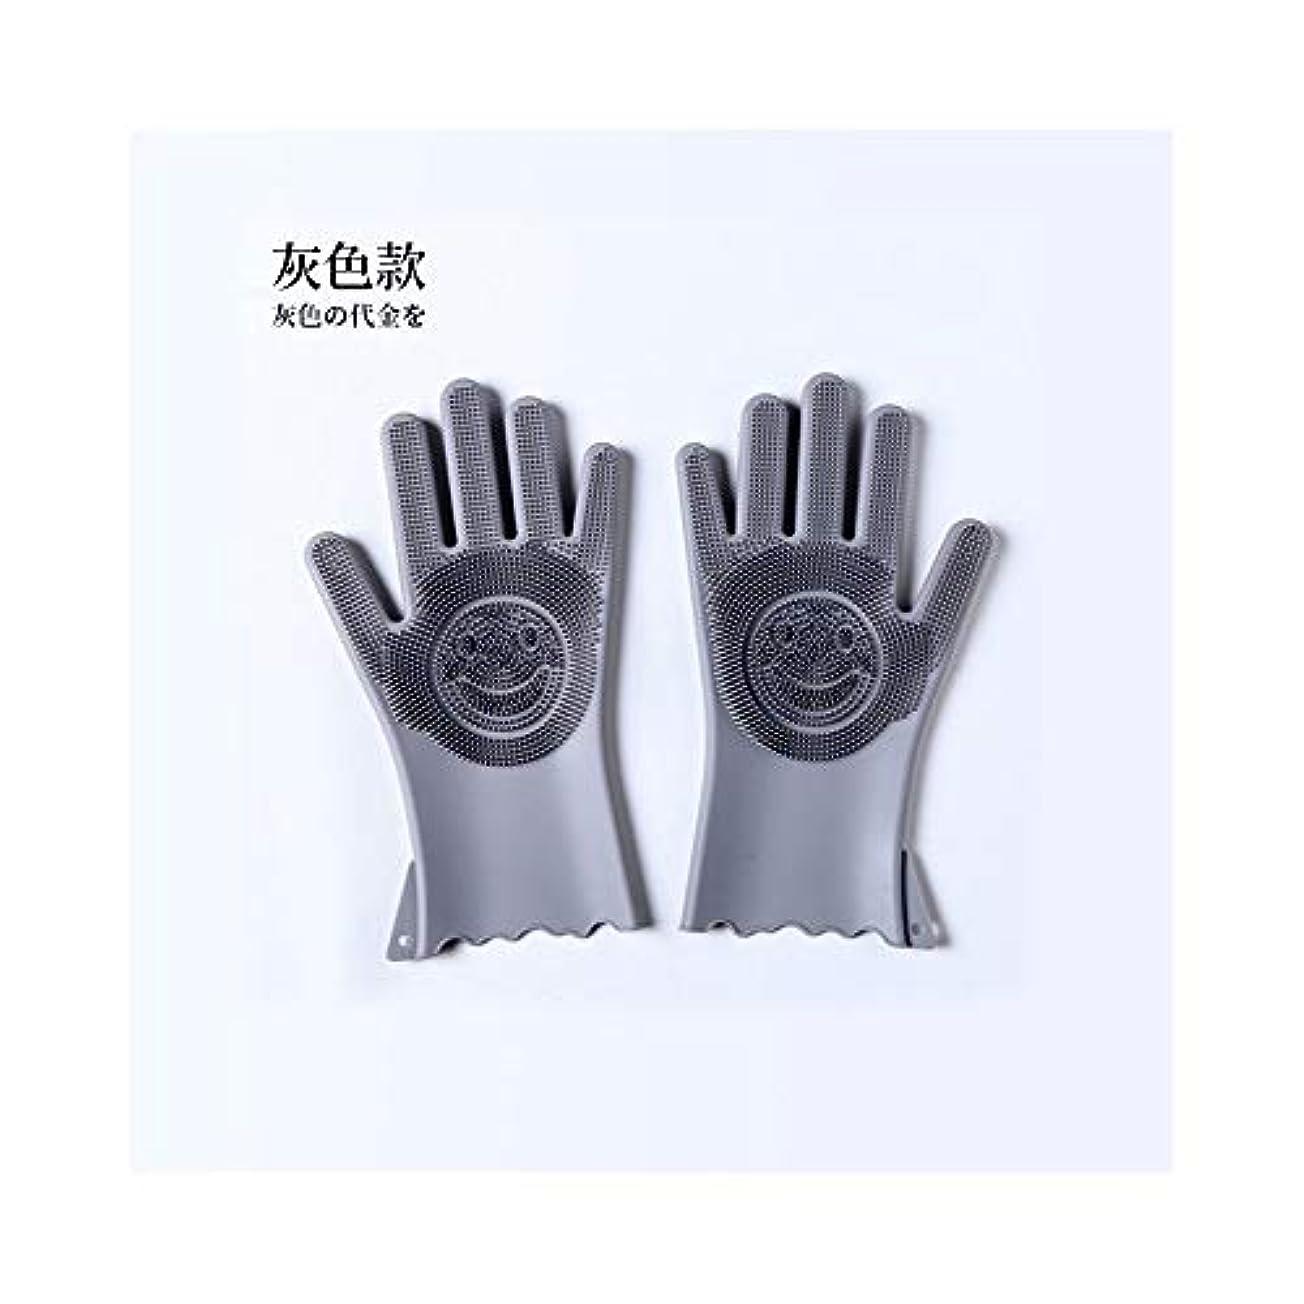 タウポ湖スナッチ環境保護主義者BTXXYJP キッチン用手袋 手袋 食器洗い 作業 泡立ち 食器洗い 炊事 掃除 園芸 洗車 防水 手袋 (Color : Gray, Size : M)